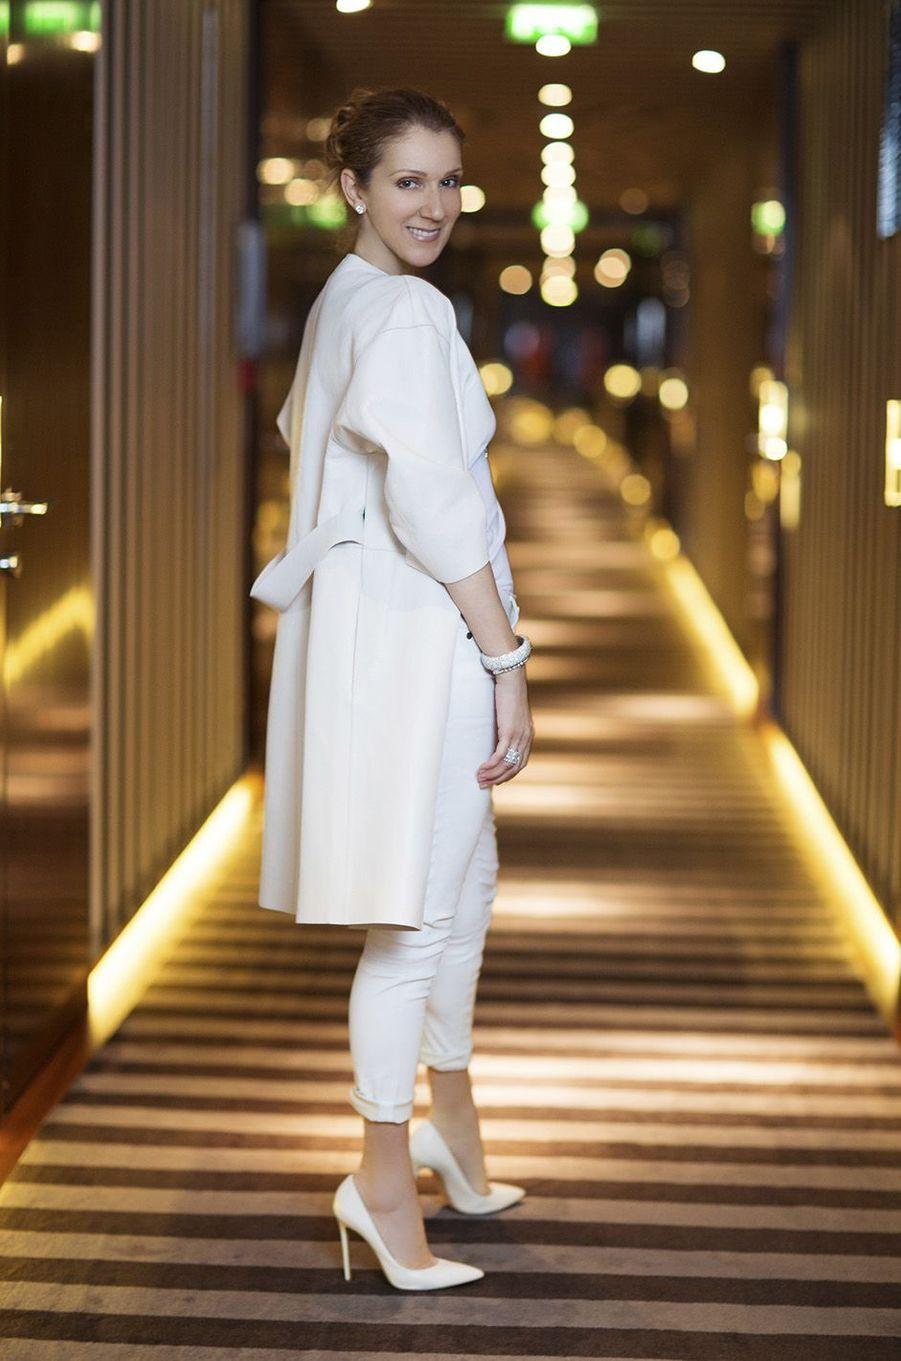 Lors de son passage à Paris en juin 2016, Céline Dion avait accordé une entretien exclusif à Paris Match.